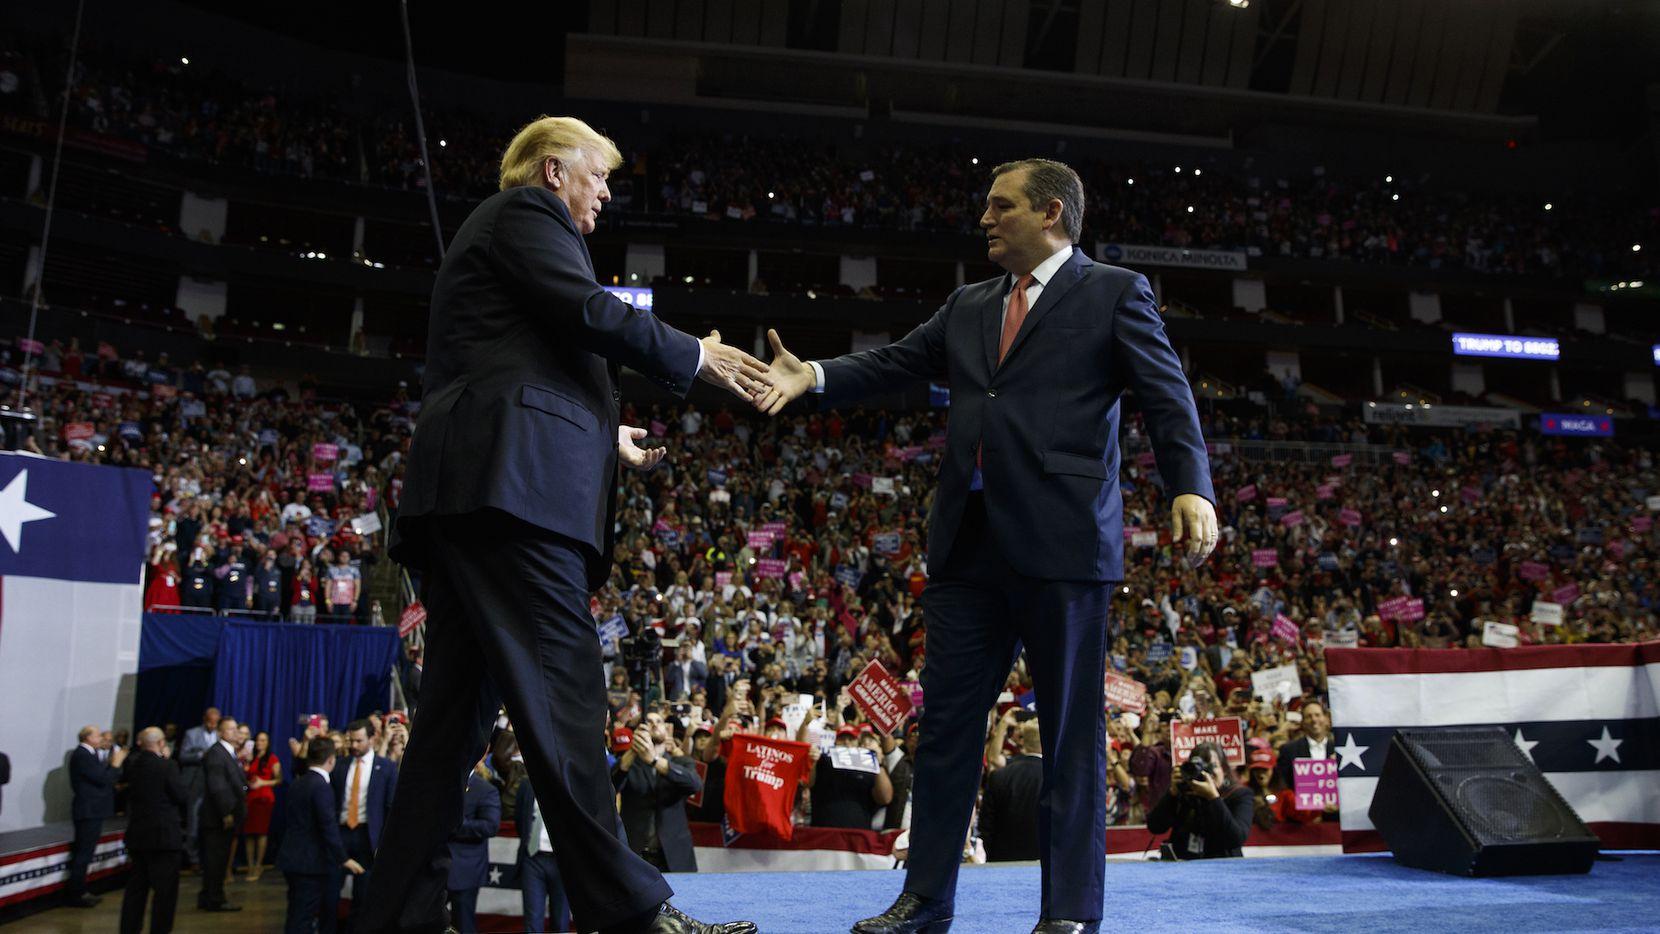 El presidente DOnald Trump es bienvenido a Houston por el senador Ted Cruz, el lunes.